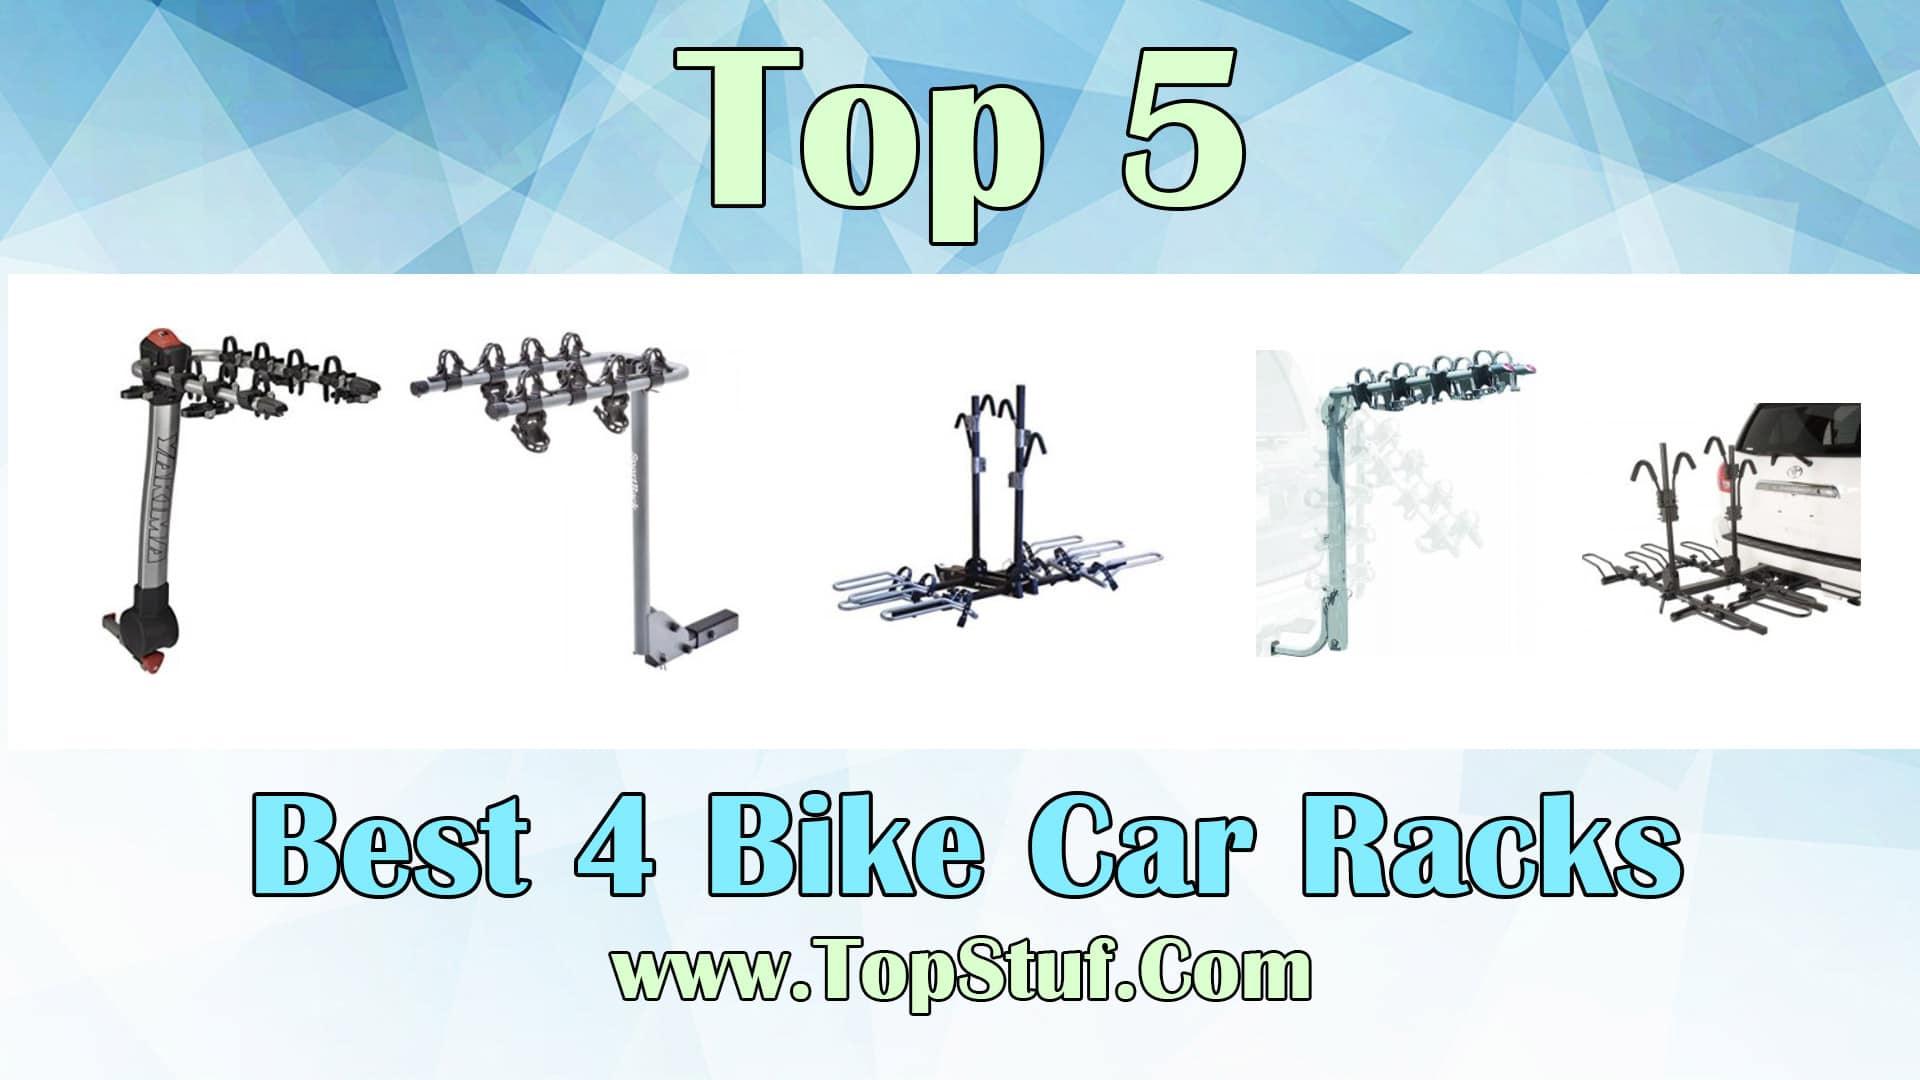 Best 4 Bike Car Racks